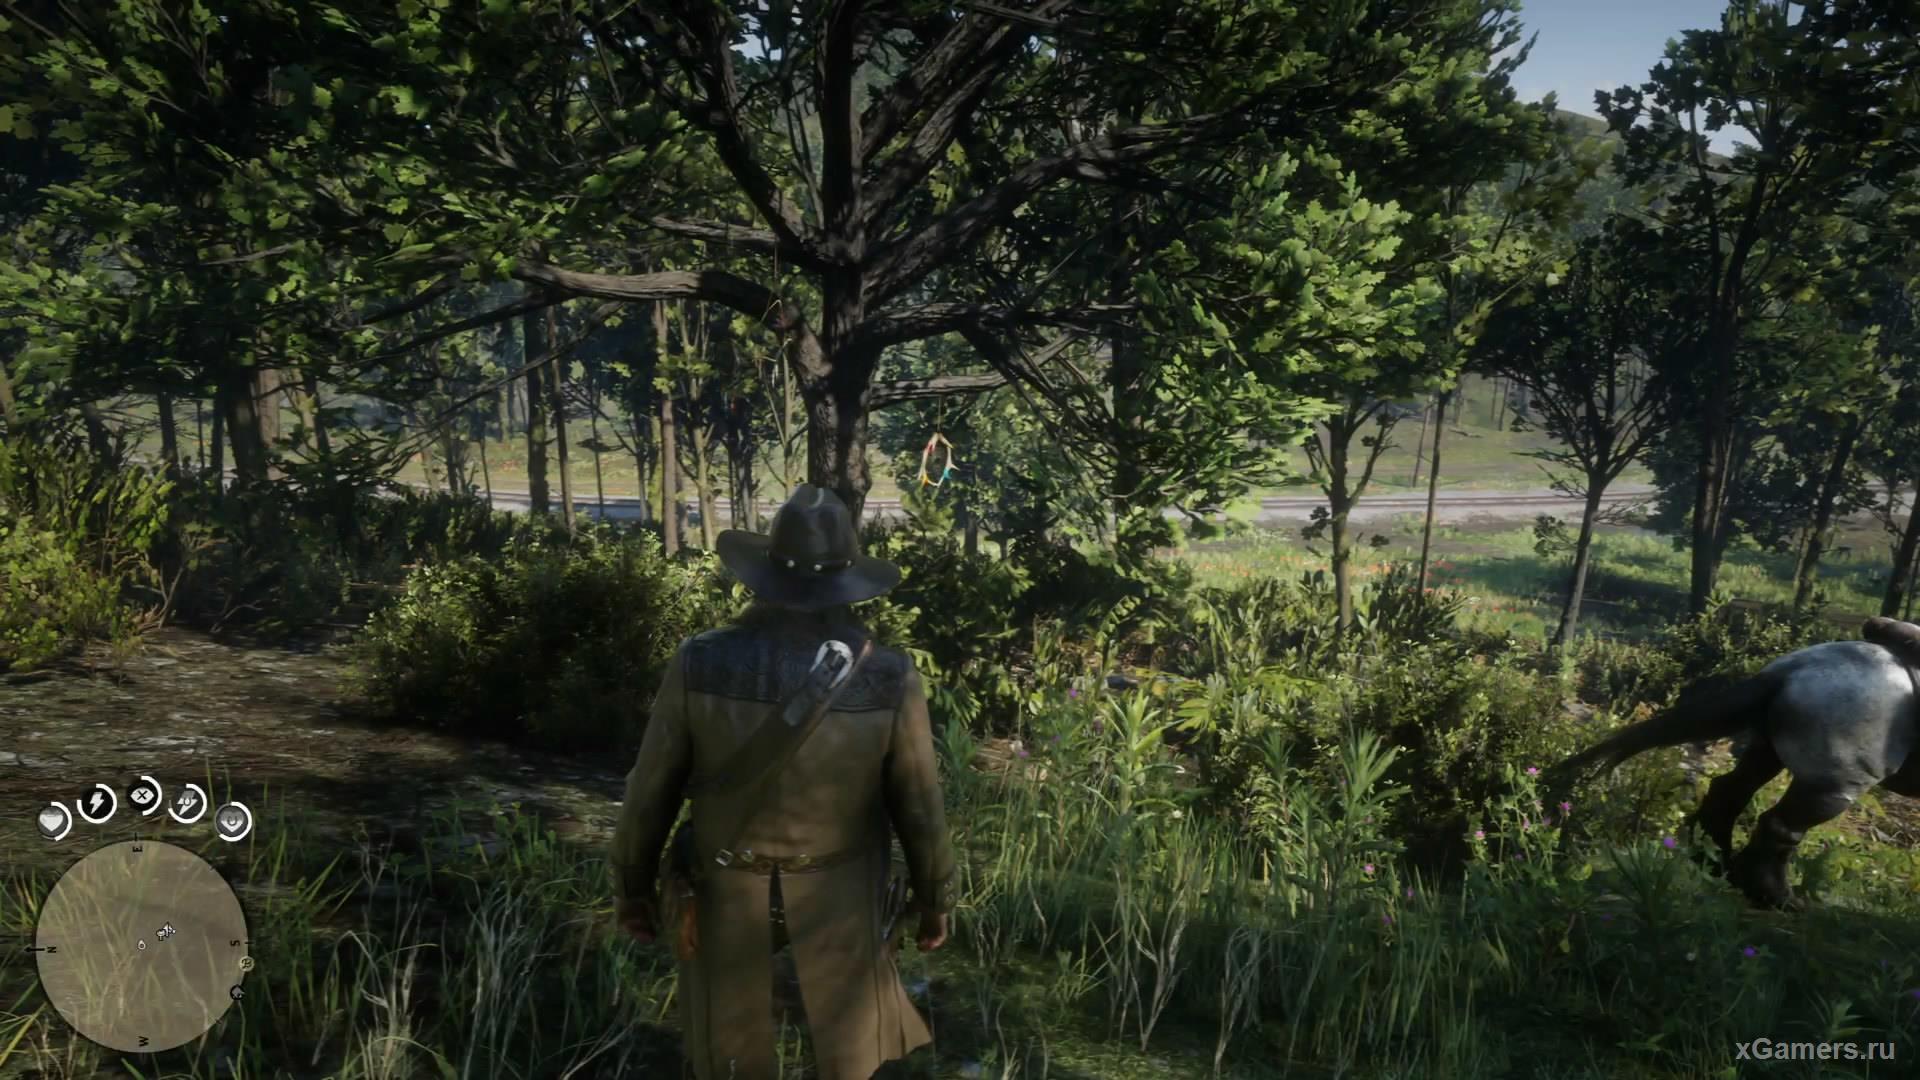 Шестой тоже надежно спрятан возле локации Нью Гановер.Он висит на нижней ветке крепкого дерева